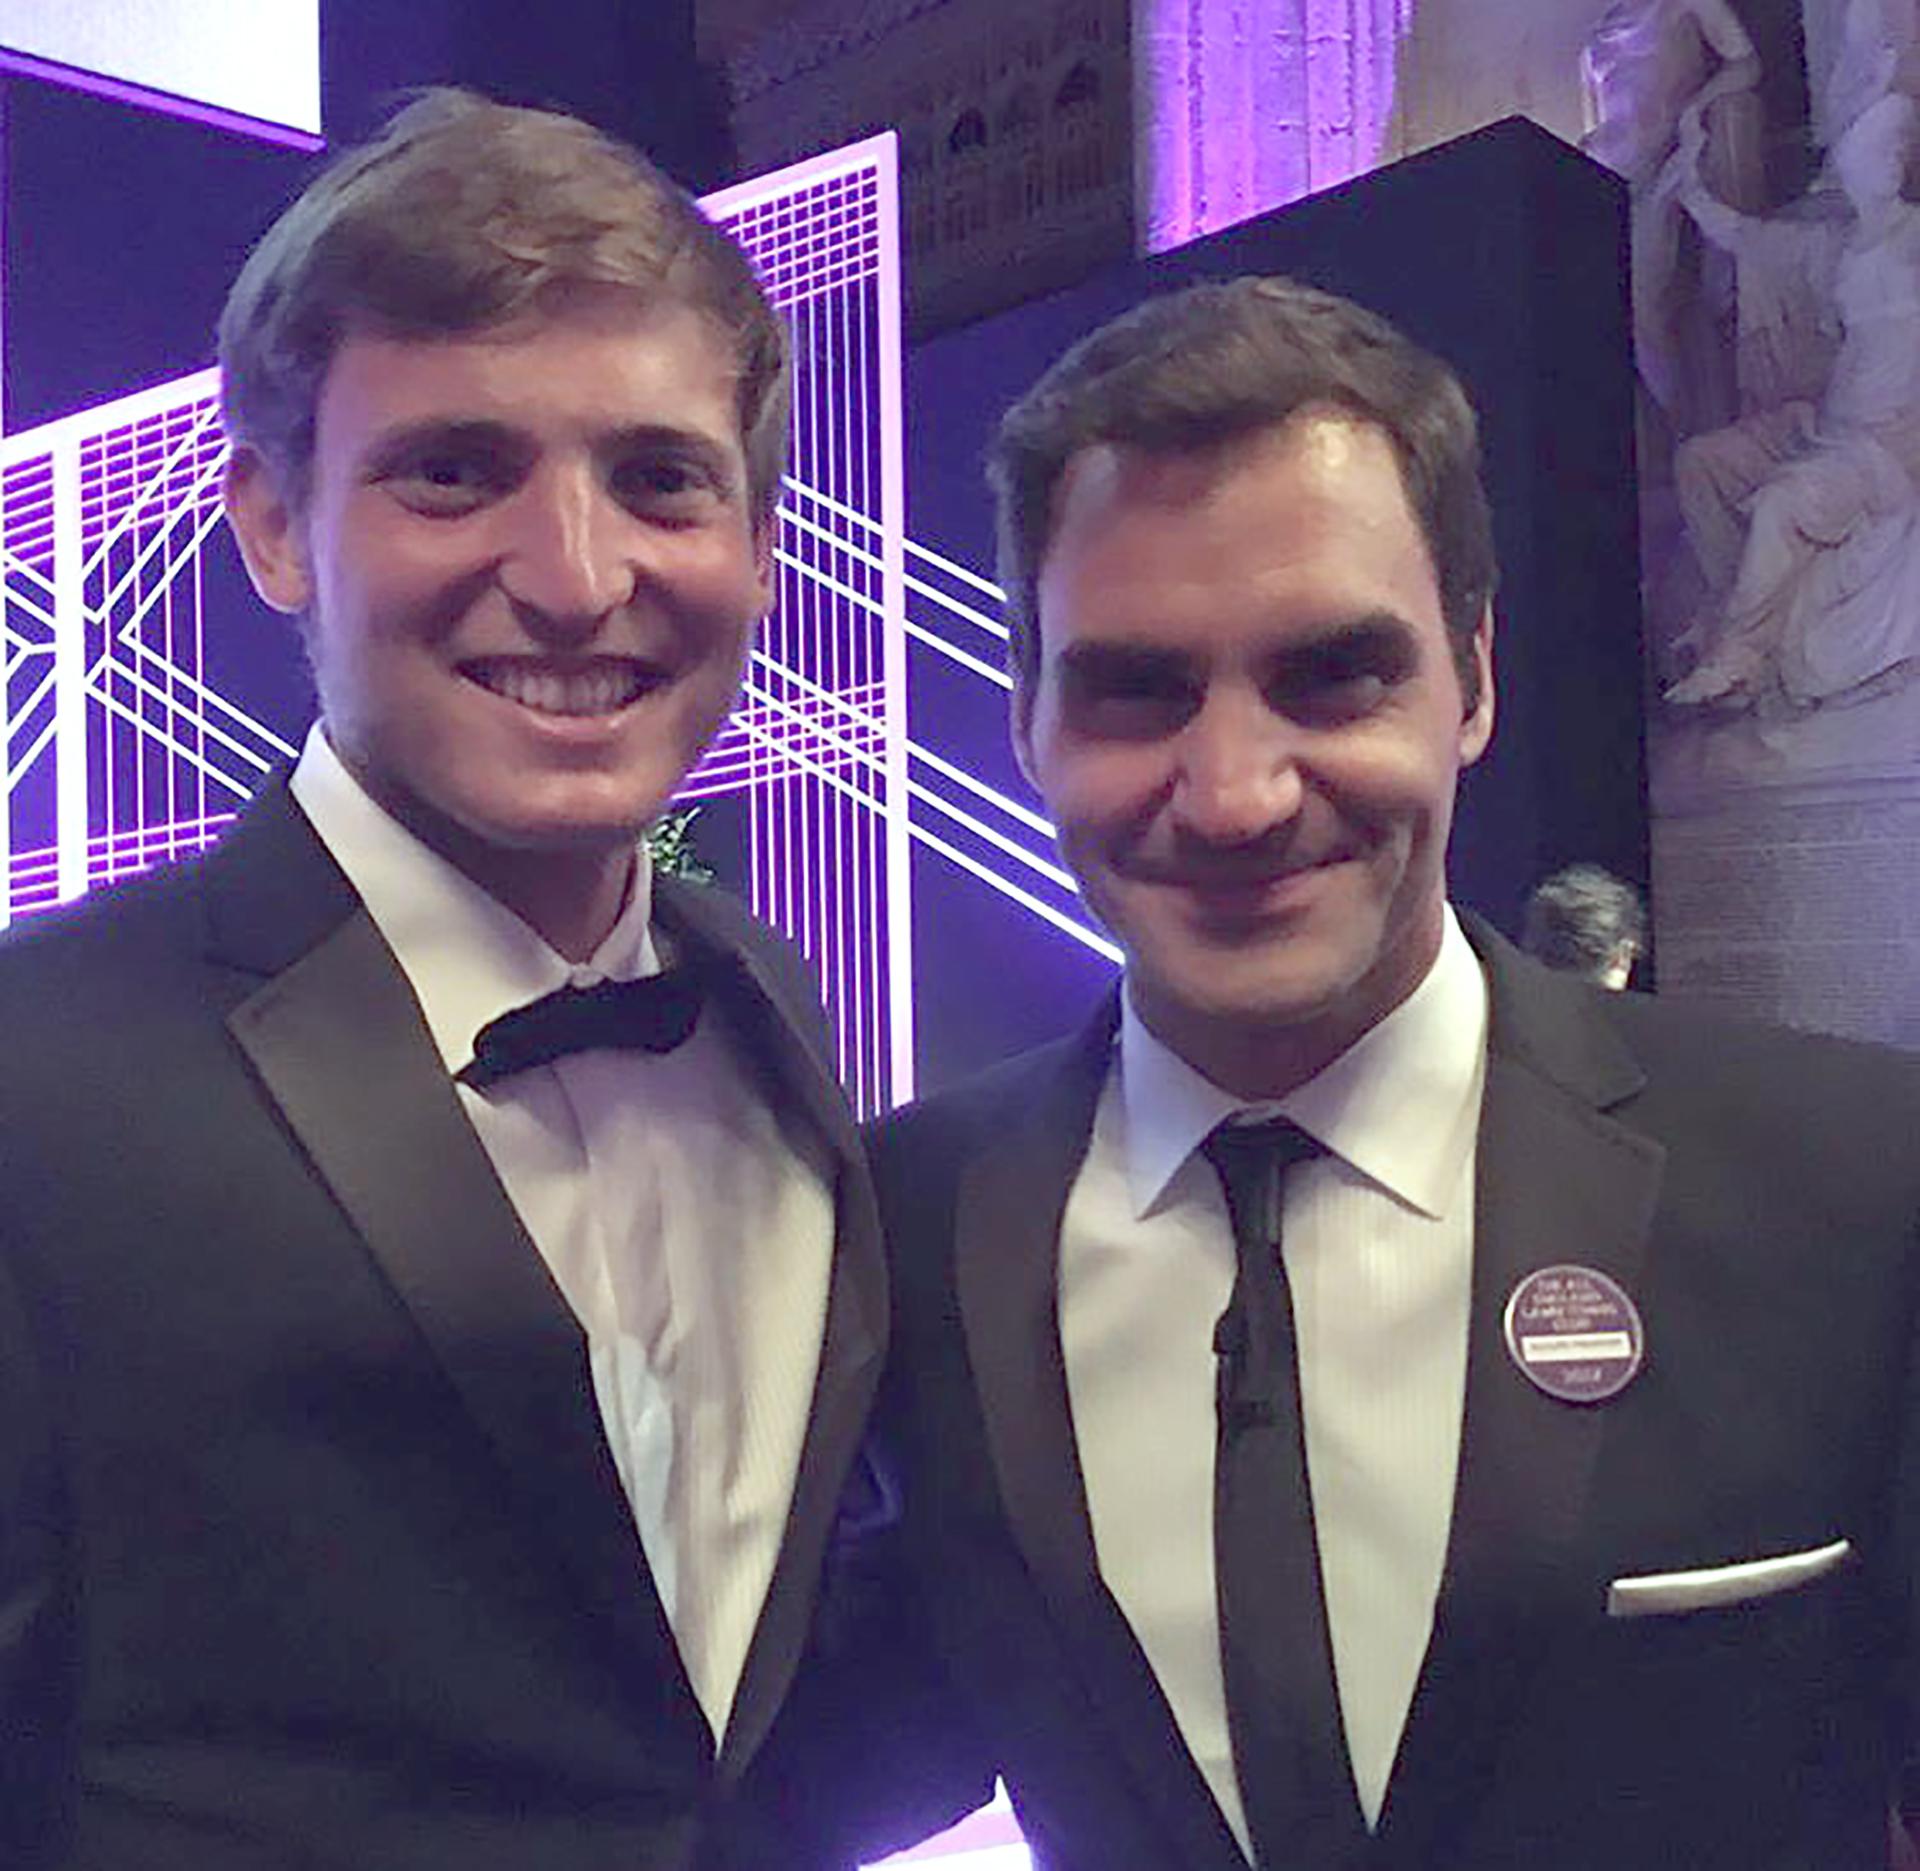 El argentino Axel Geller, campeón en dobles junior, cumplió el sueño de conocer a Federer